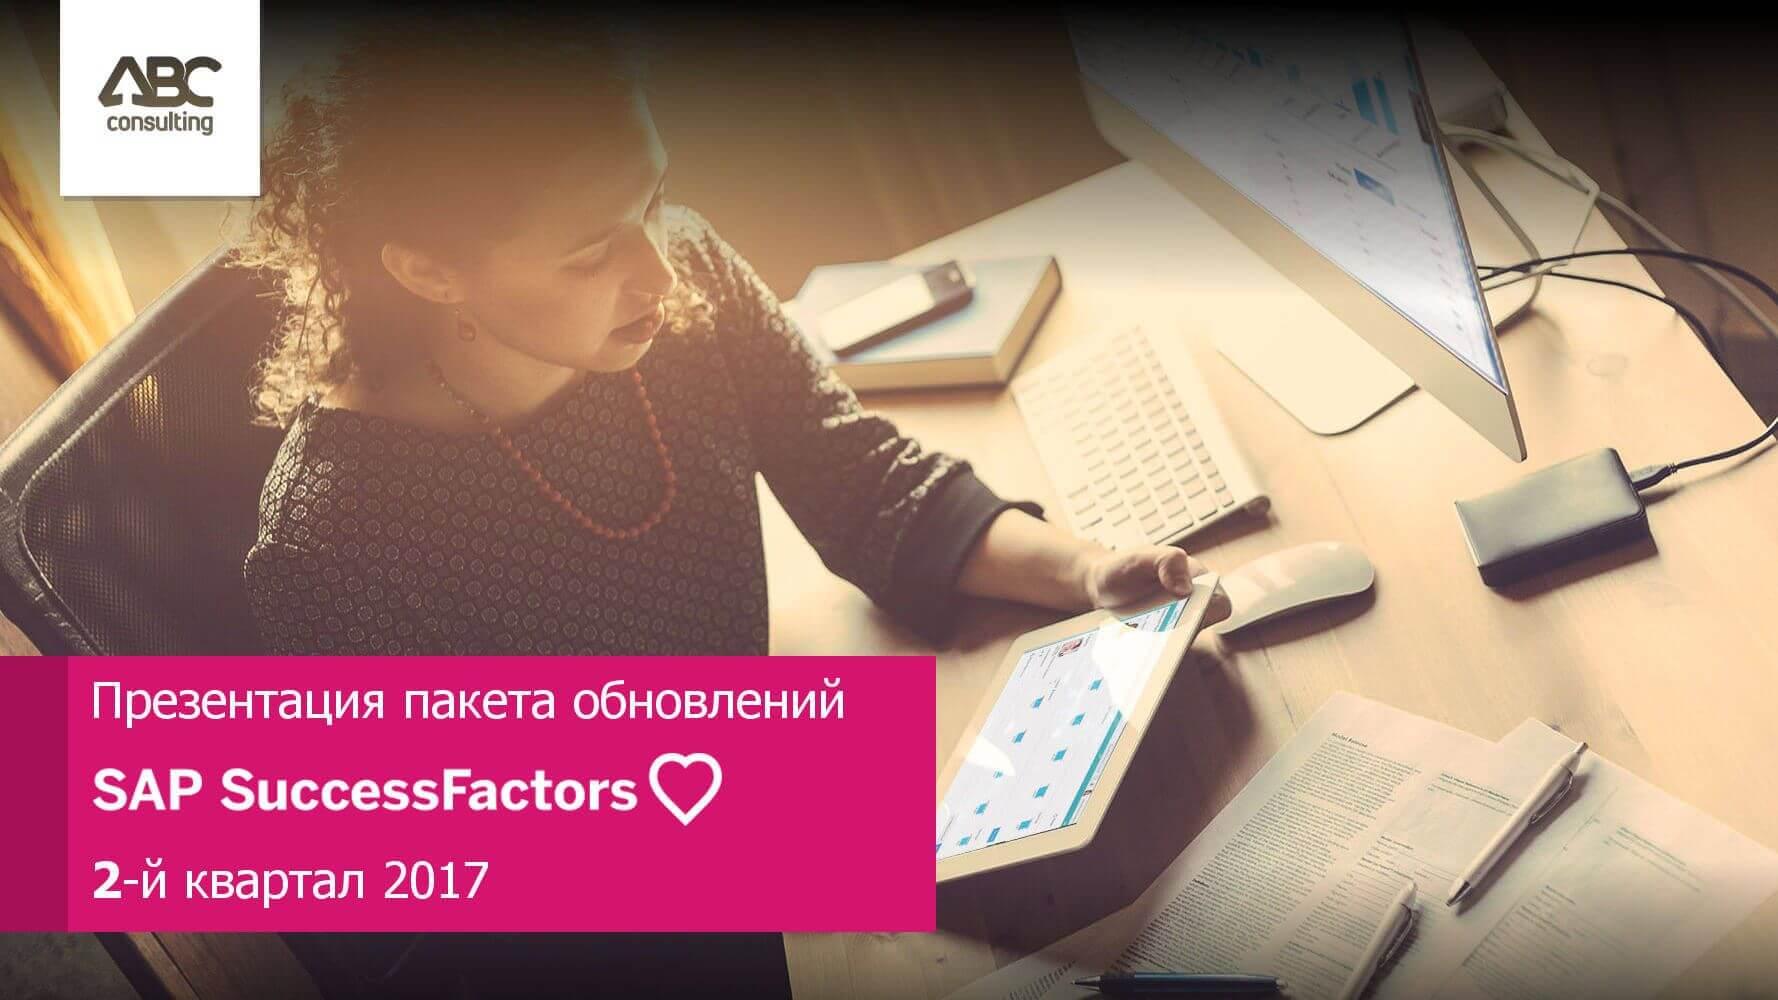 Обновление SuccessFactors Q2 2017